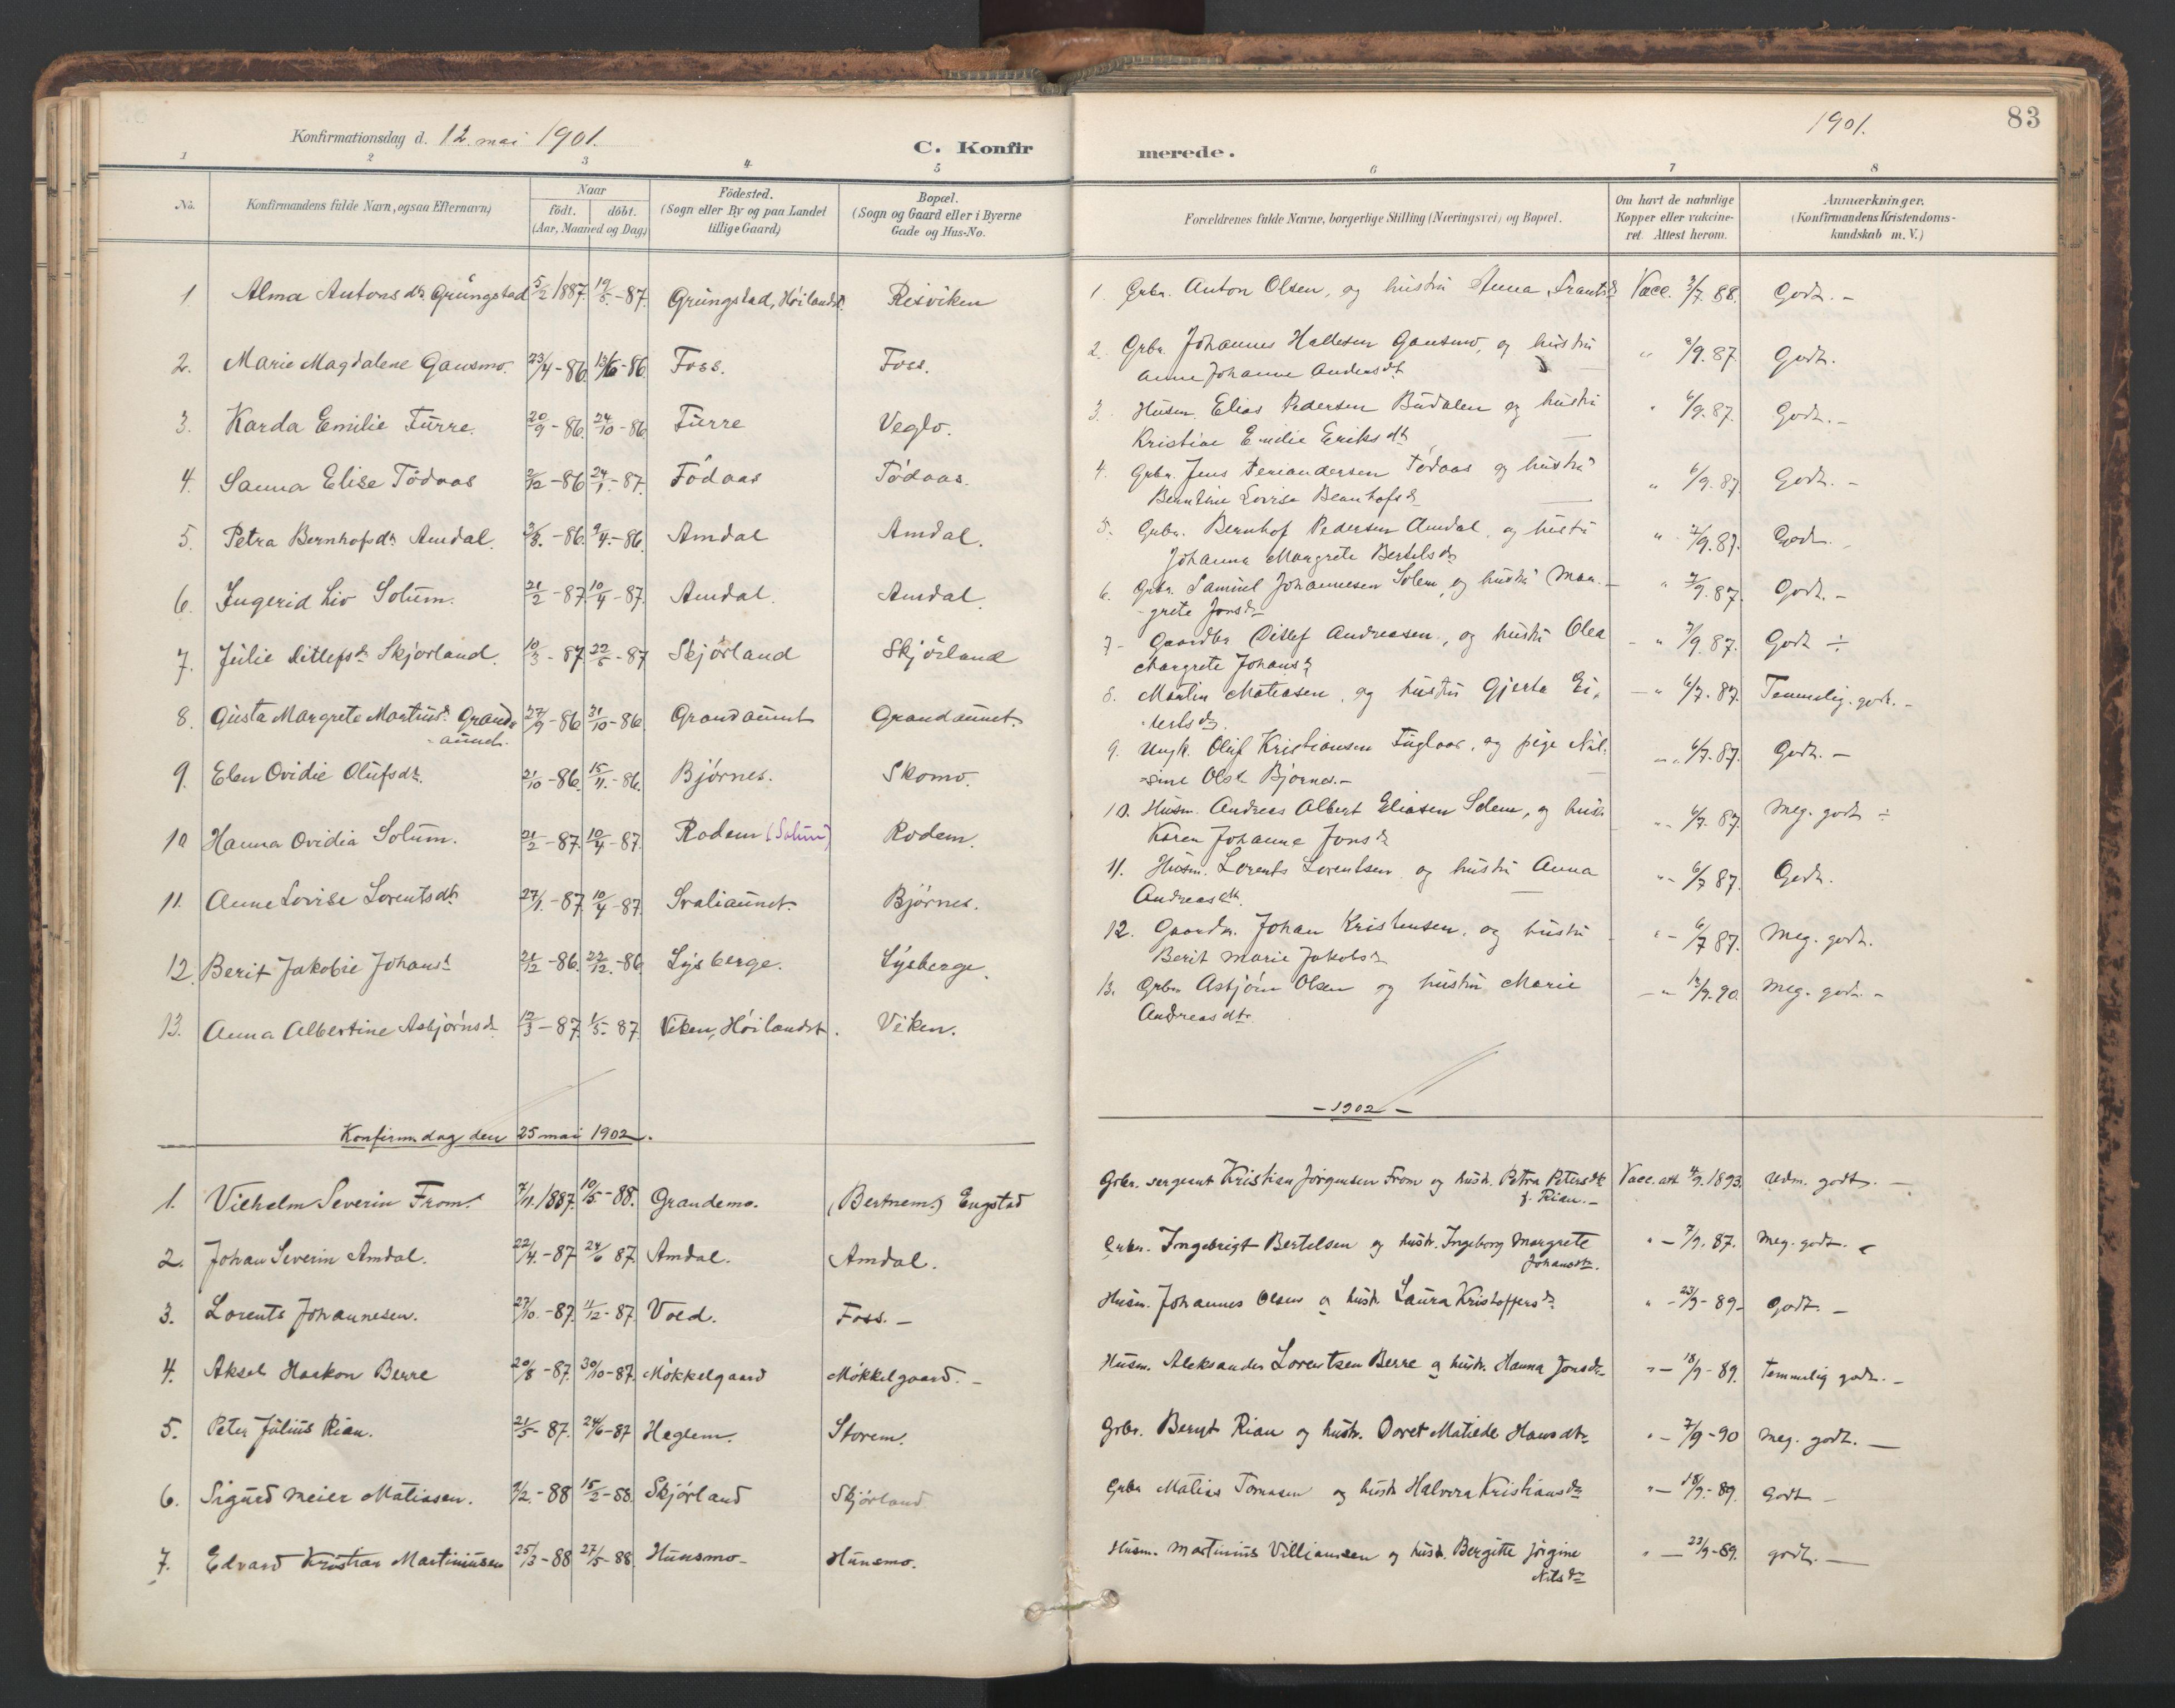 SAT, Ministerialprotokoller, klokkerbøker og fødselsregistre - Nord-Trøndelag, 764/L0556: Ministerialbok nr. 764A11, 1897-1924, s. 83